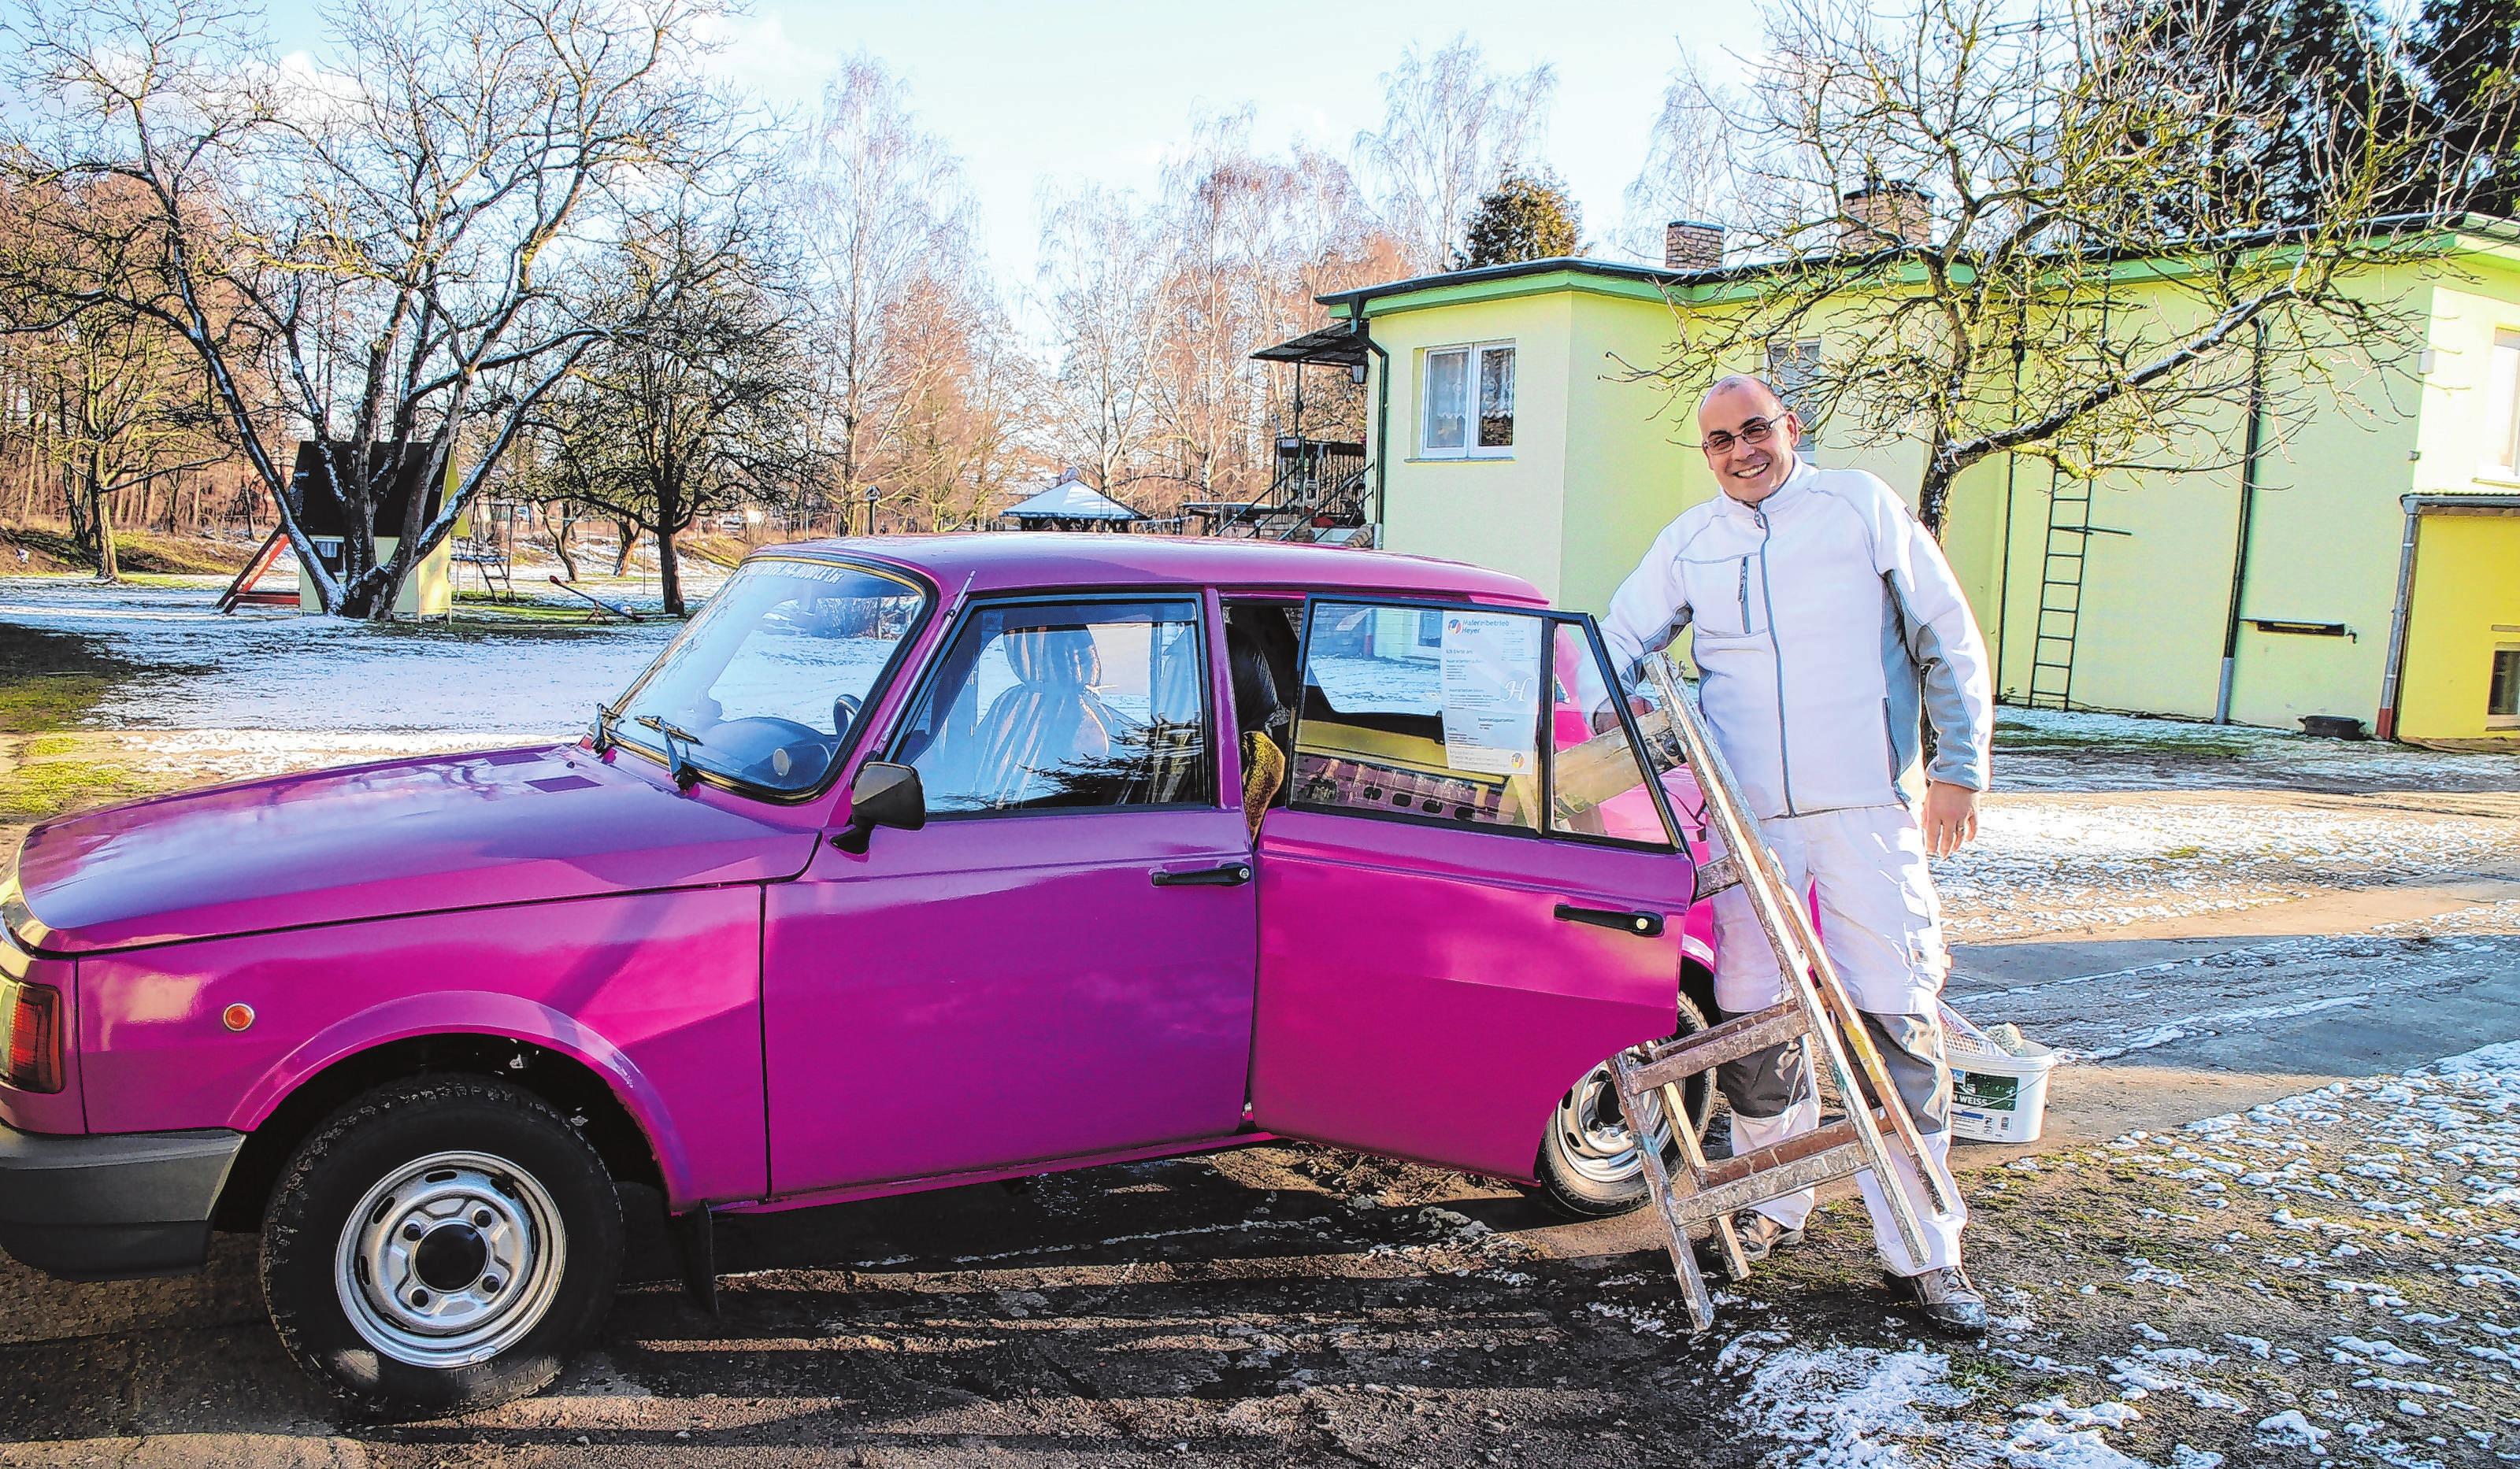 Hobby und Beruf: René Heyer ist Malermeister in zweiter Generation. Für die Fahrt zum Auftragsort nimmt der Wartburg-Fan gern den violetten Firmenwagen (Baujahr 1989). Die Rückbank hat er für den Transport einer Leiter ausgebaut. Foto: Anna Pröschild